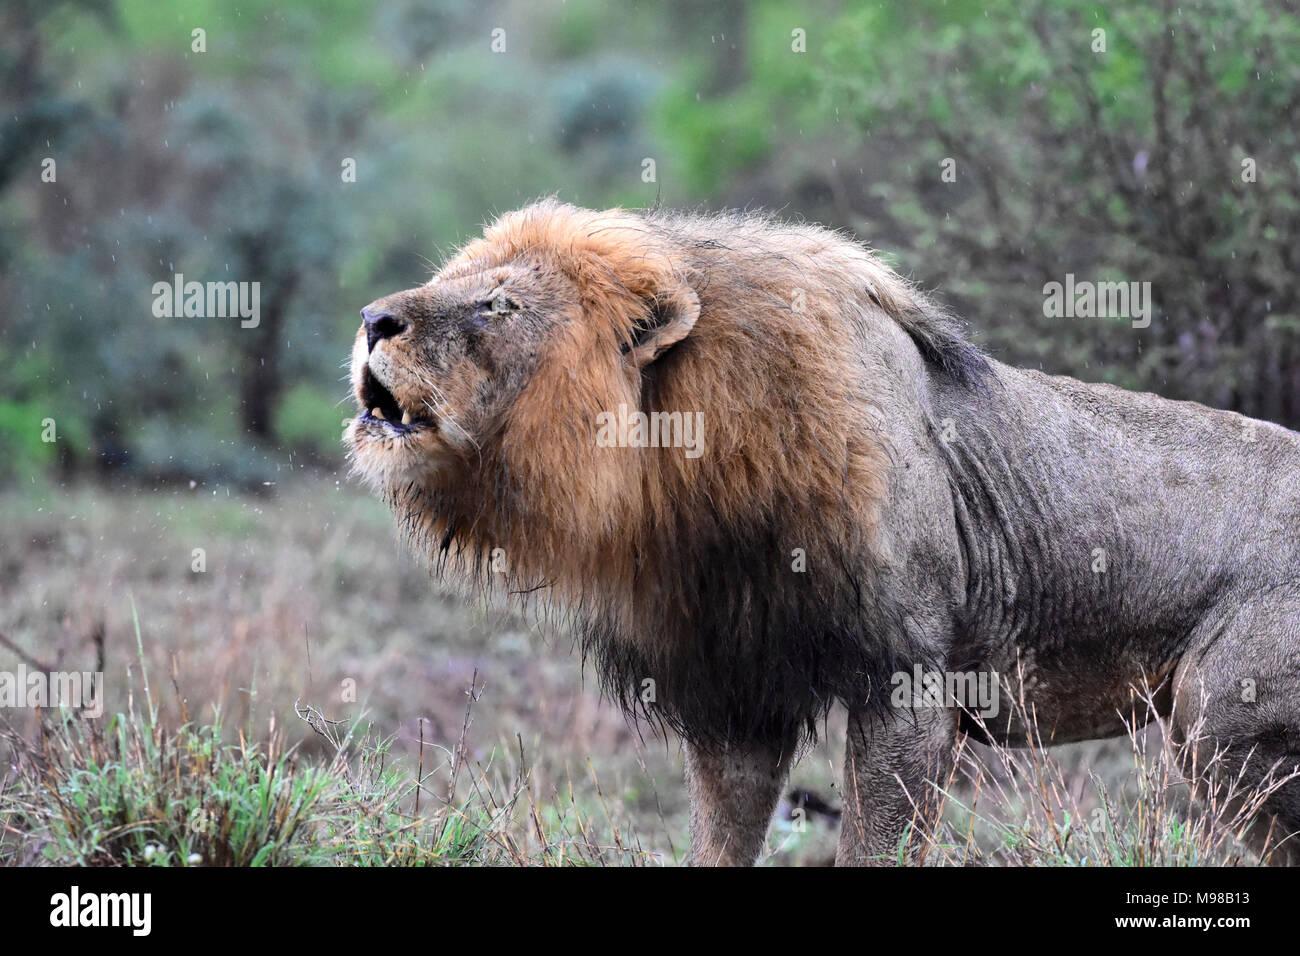 Rugido del león macho enojado mojado en la lluvia. Imagen De Stock